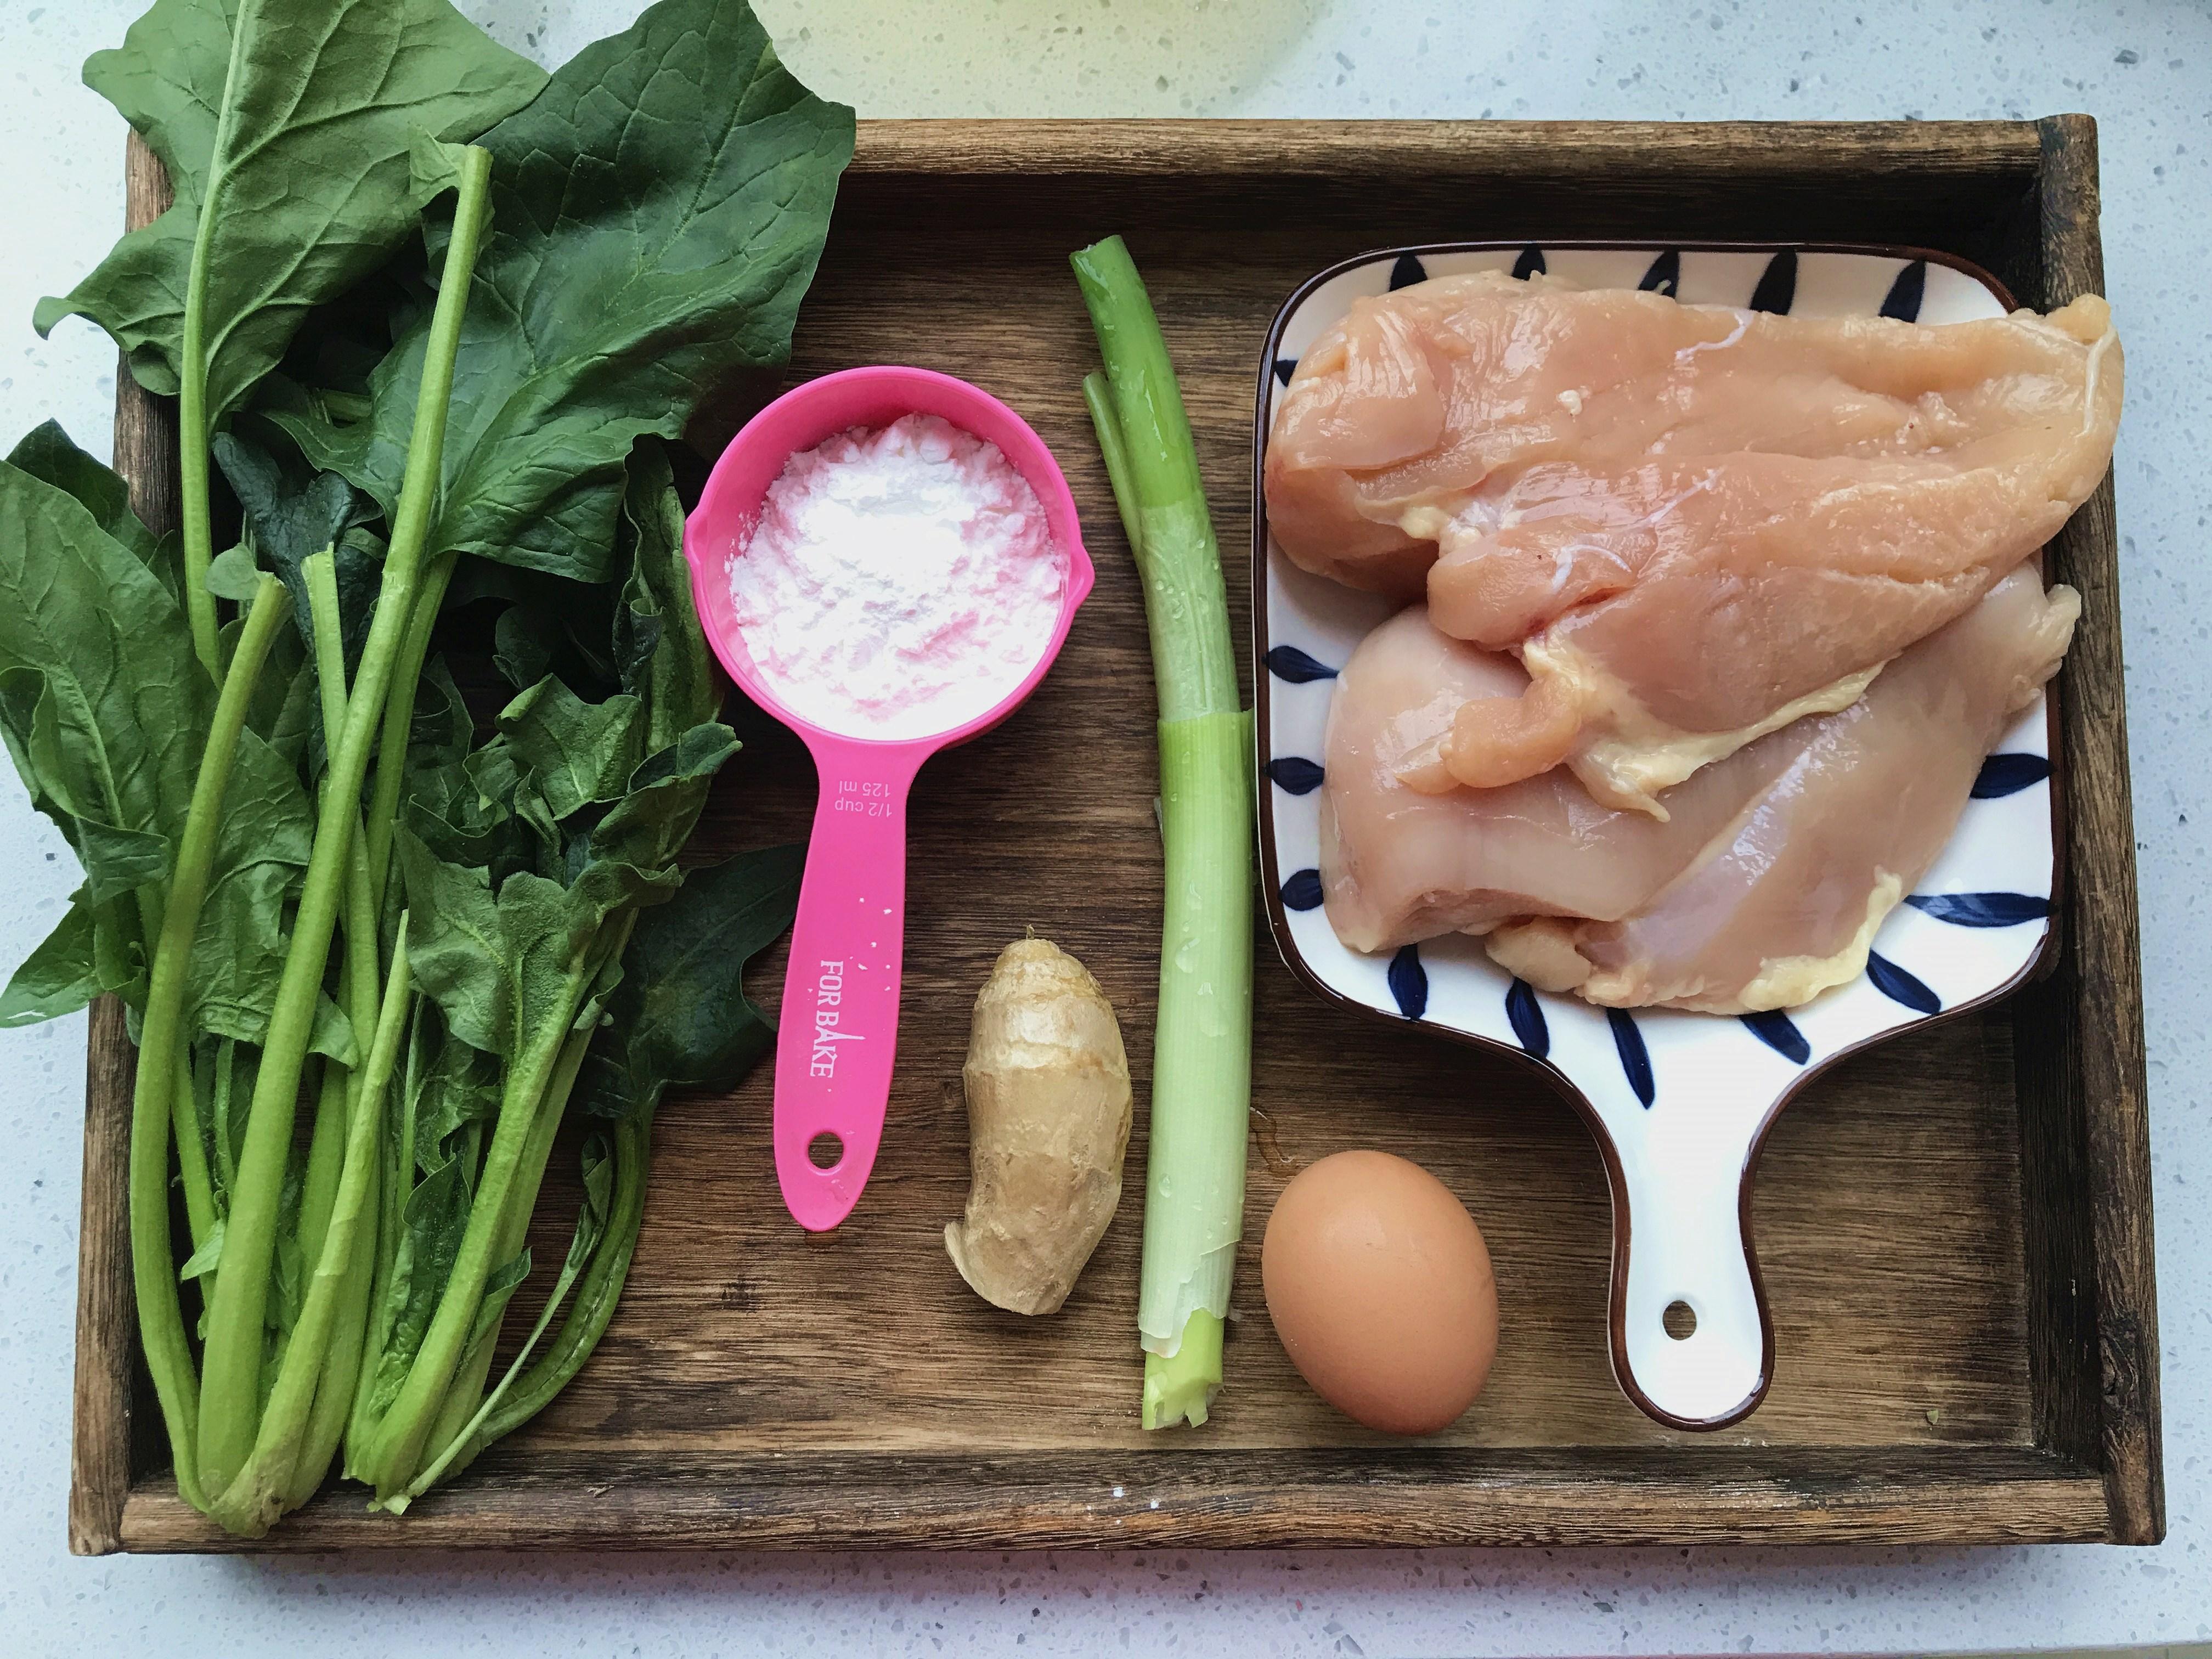 这做法真新鲜,大厨教你做鸡肉丸子,鲜嫩Q弹,一点儿也不柴  - 美食,菜谱